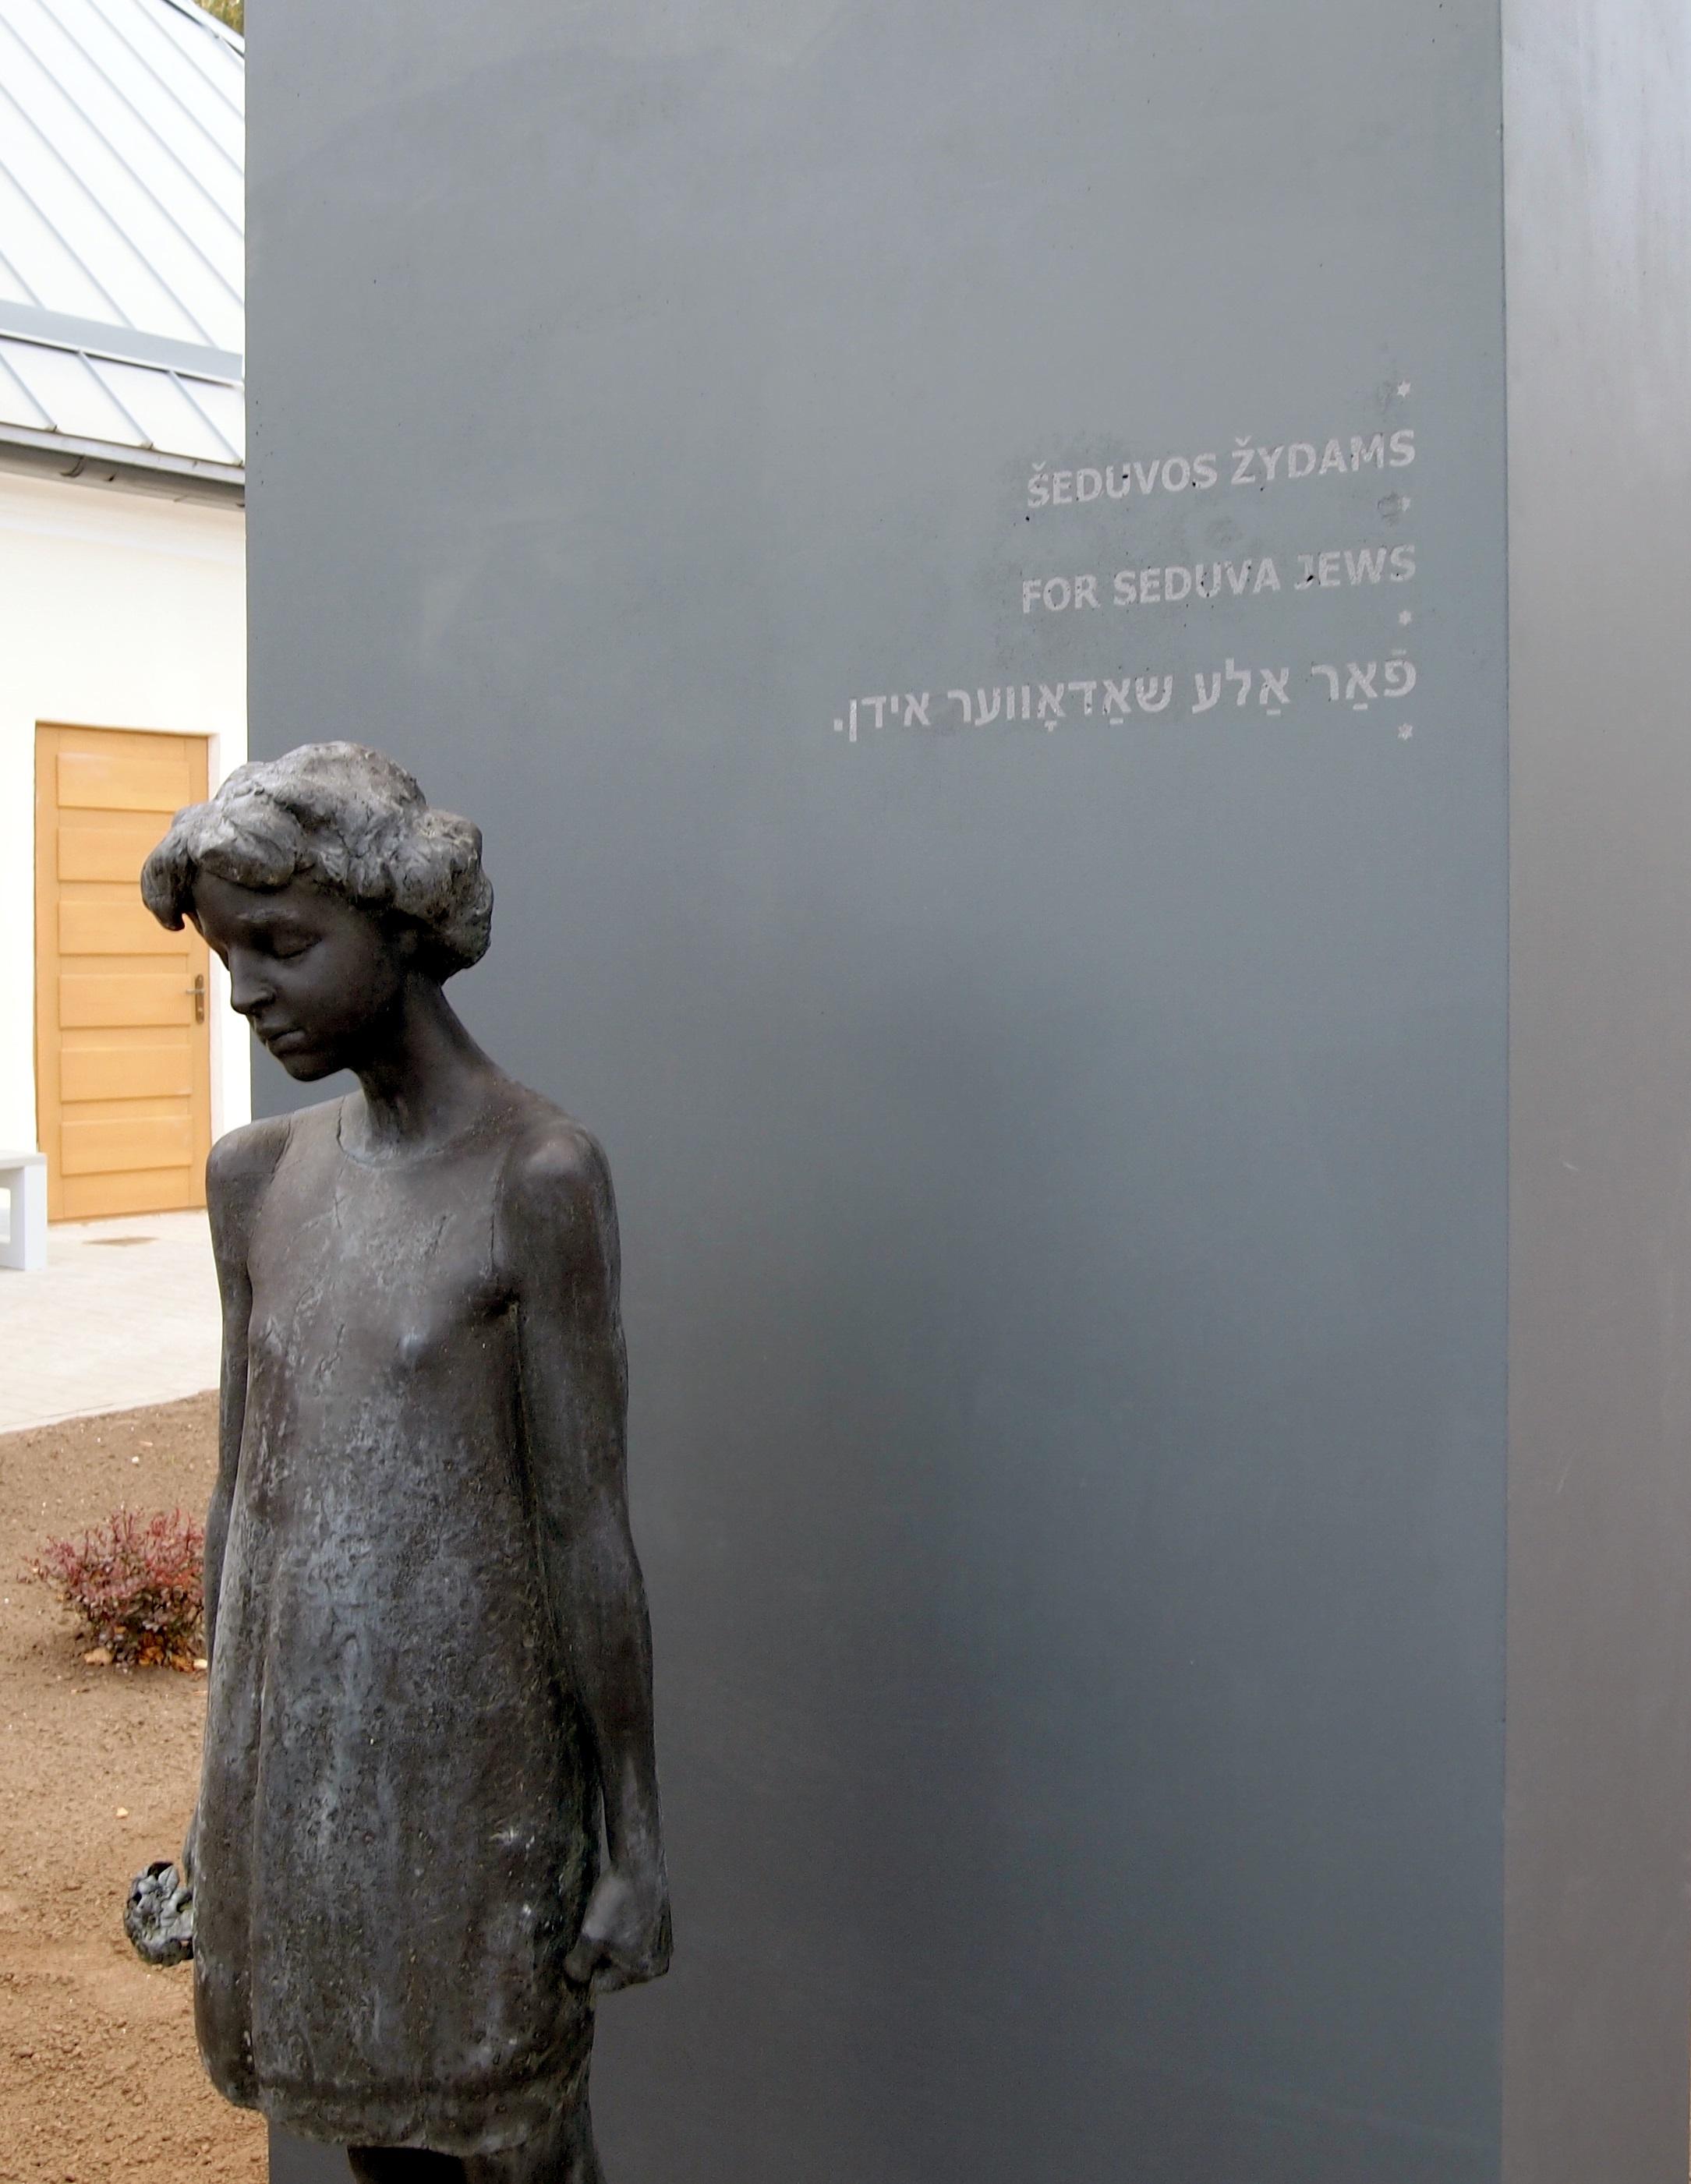 Šeduvoje atidengtas paminklas visiems vietos žydams